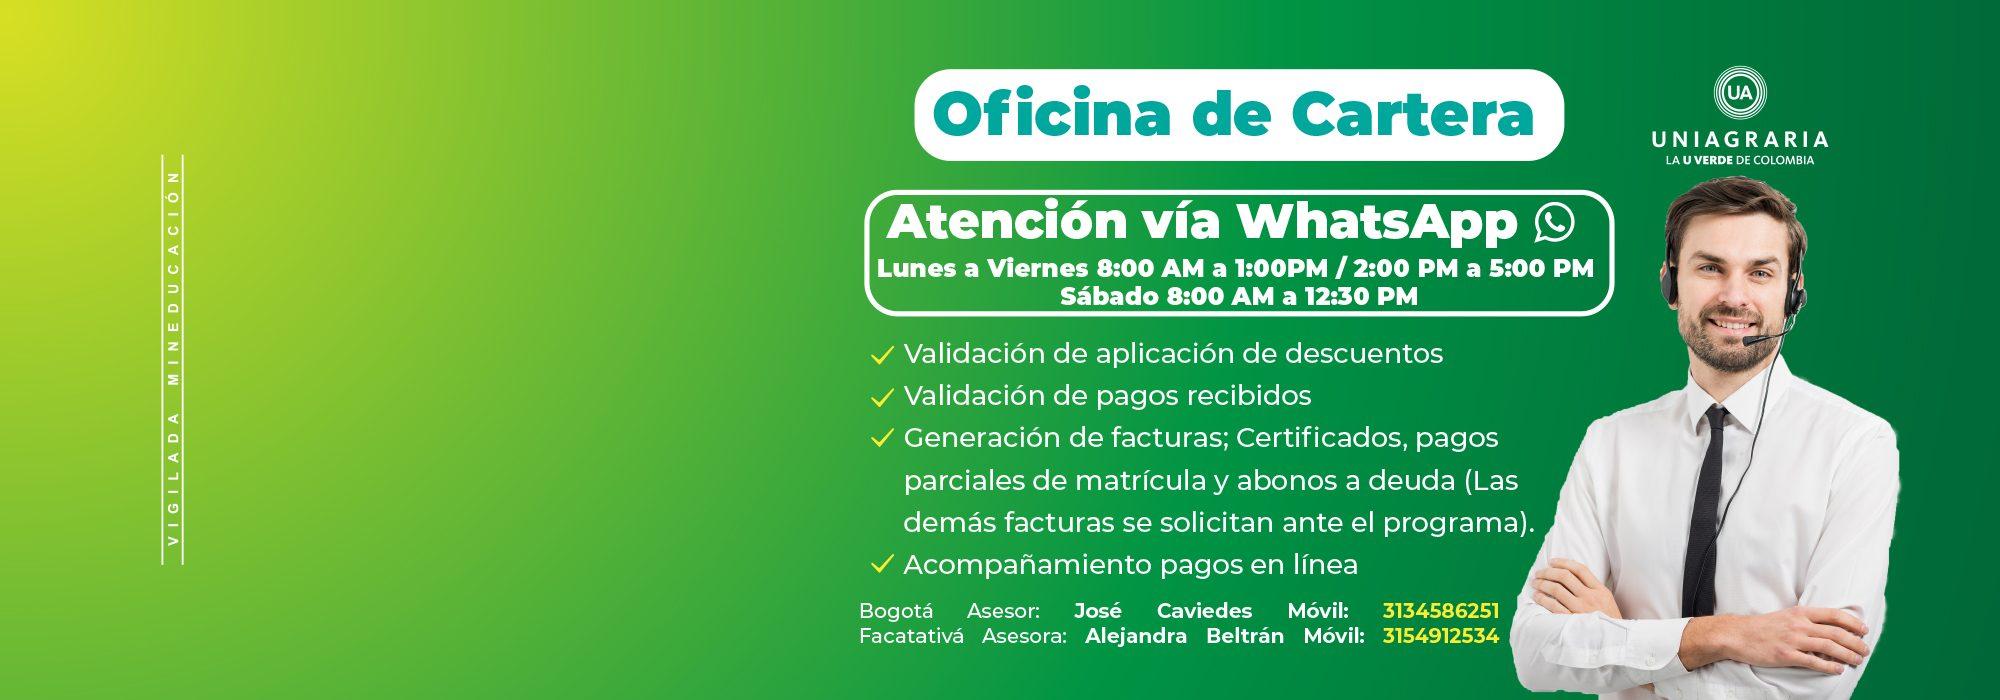 Banner Oficina de Cartera Whatsapp